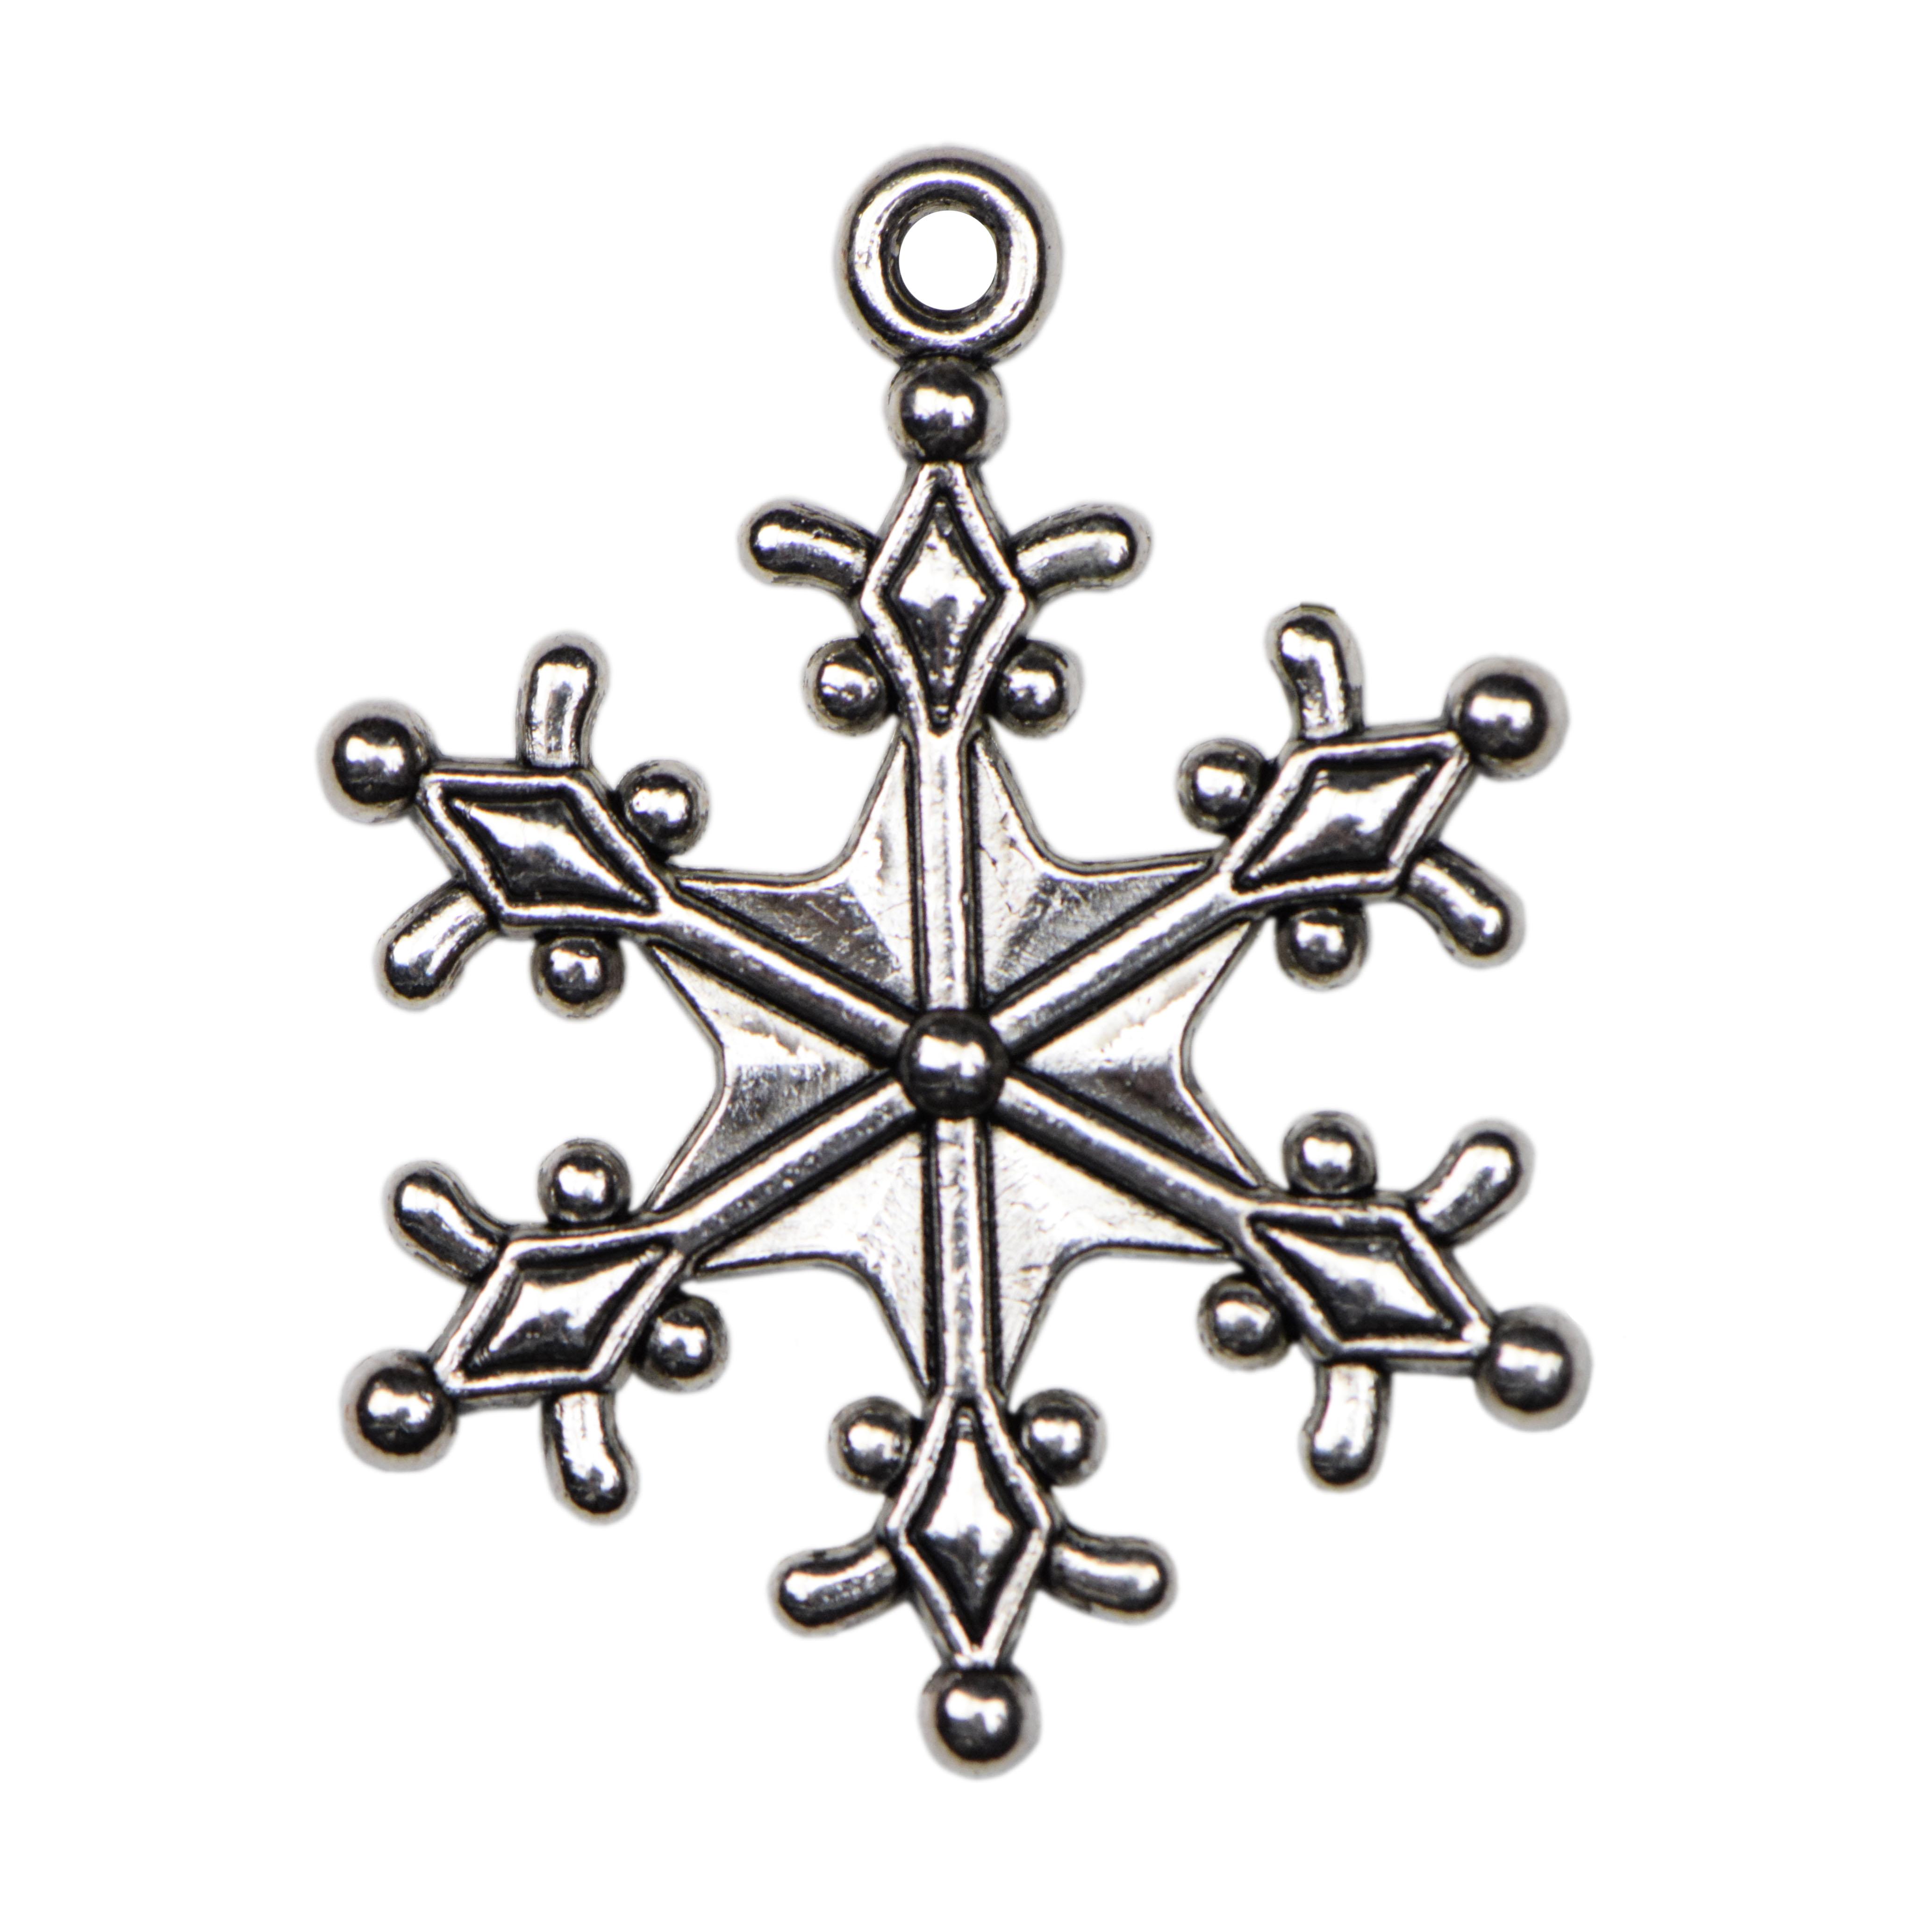 Ungewöhnlich Draht Schneeflocke Formen Ideen - Elektrische ...